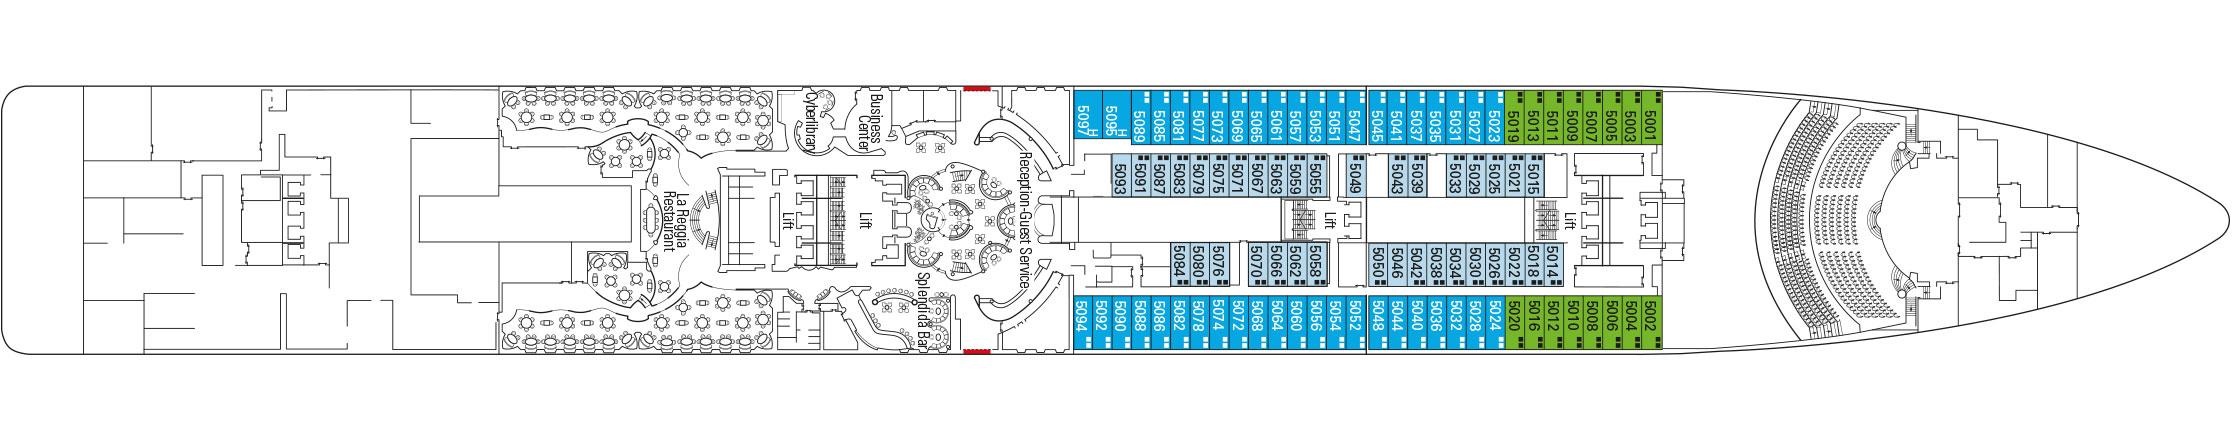 MSC Splendida Deckplan